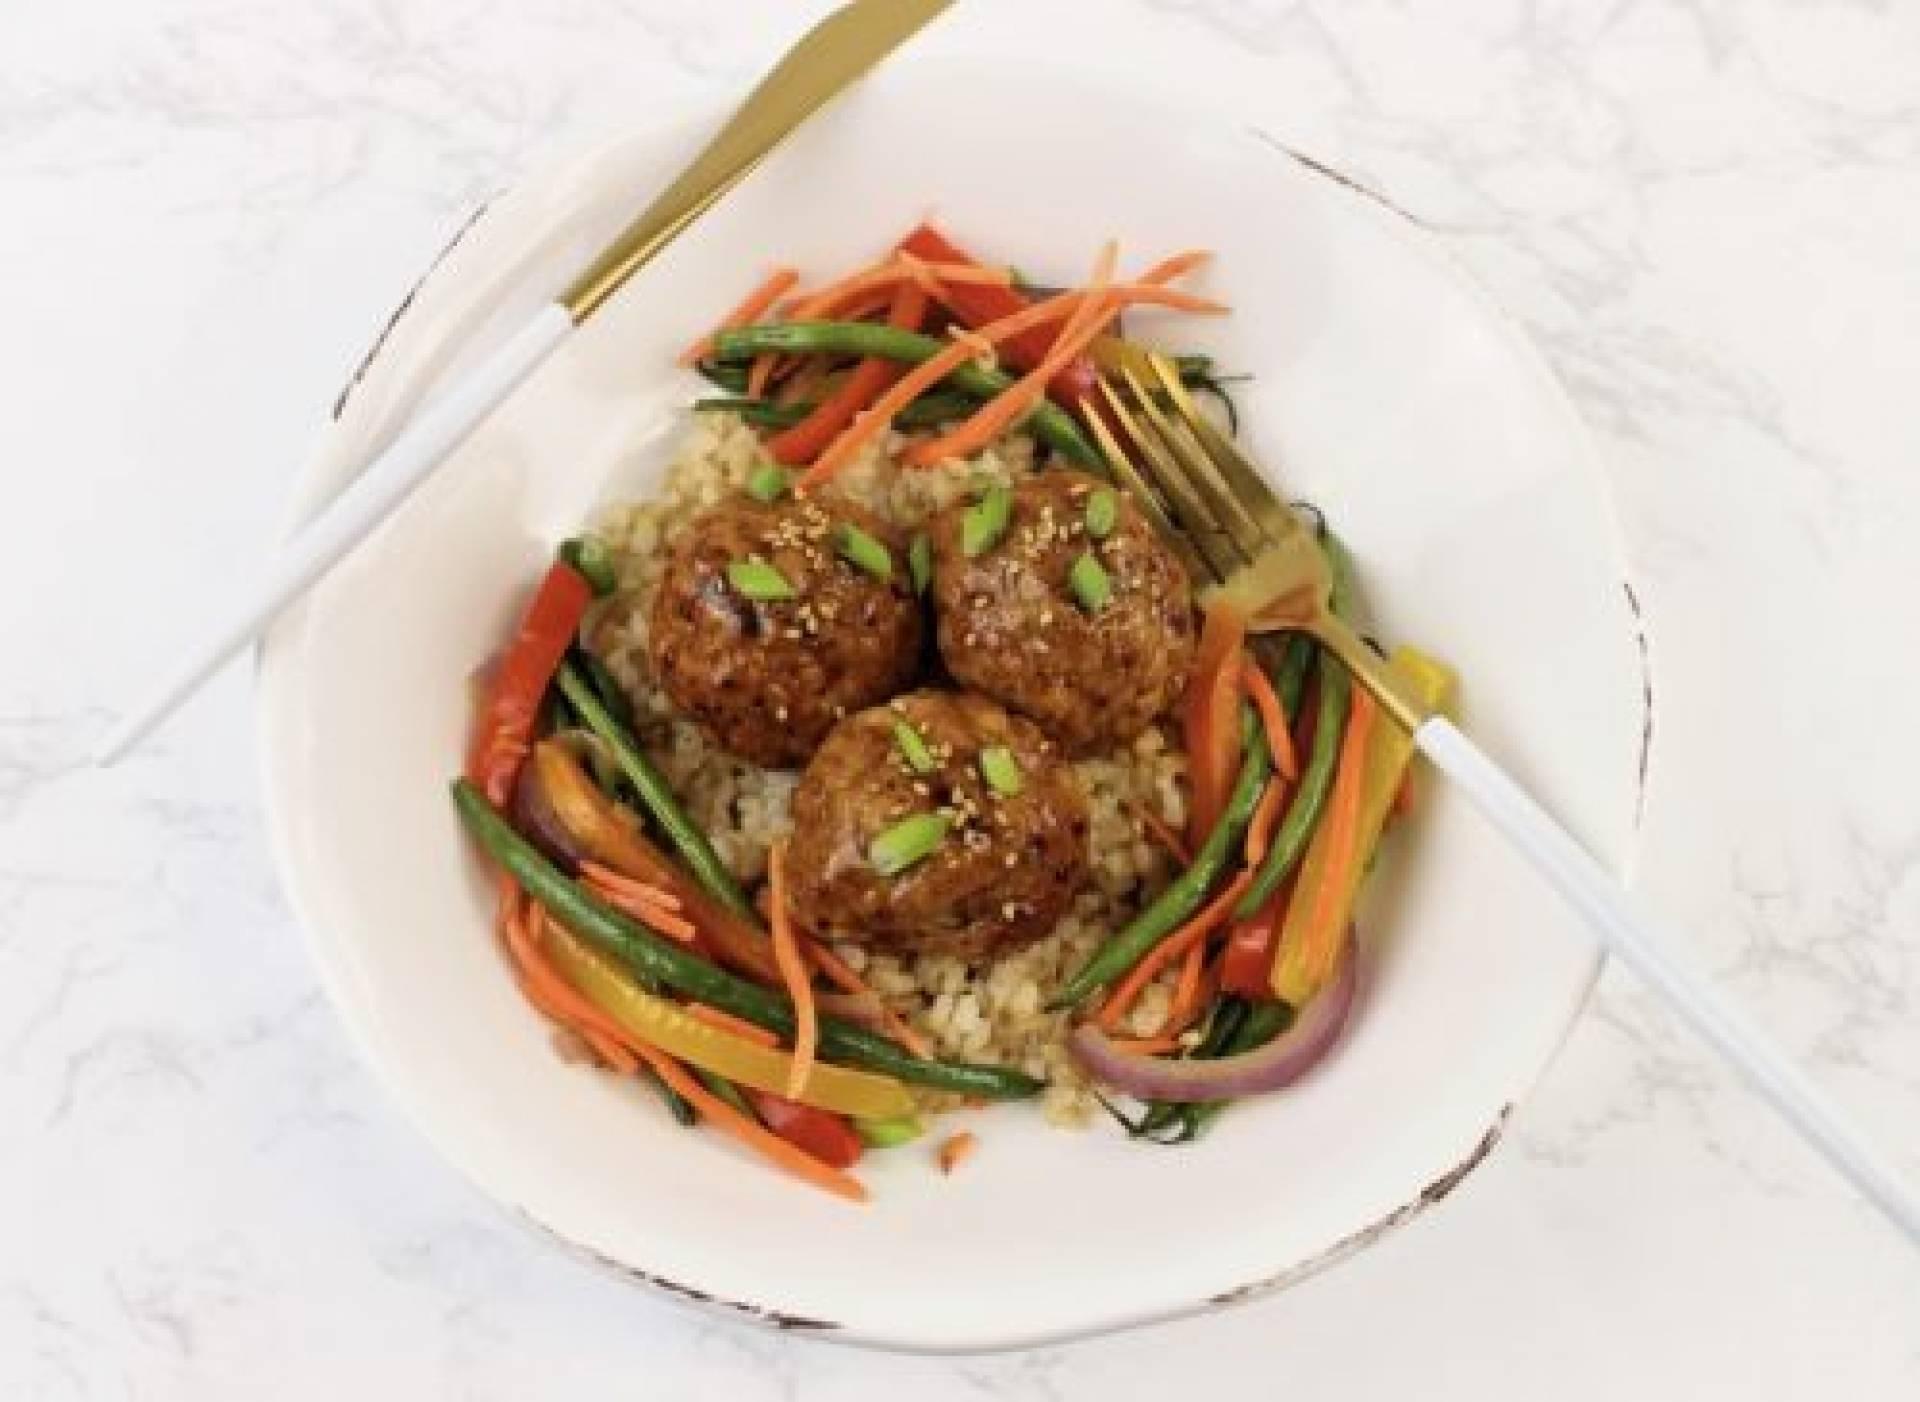 KETO Teriyaki Turkey Meatballs with Peanut Sauce